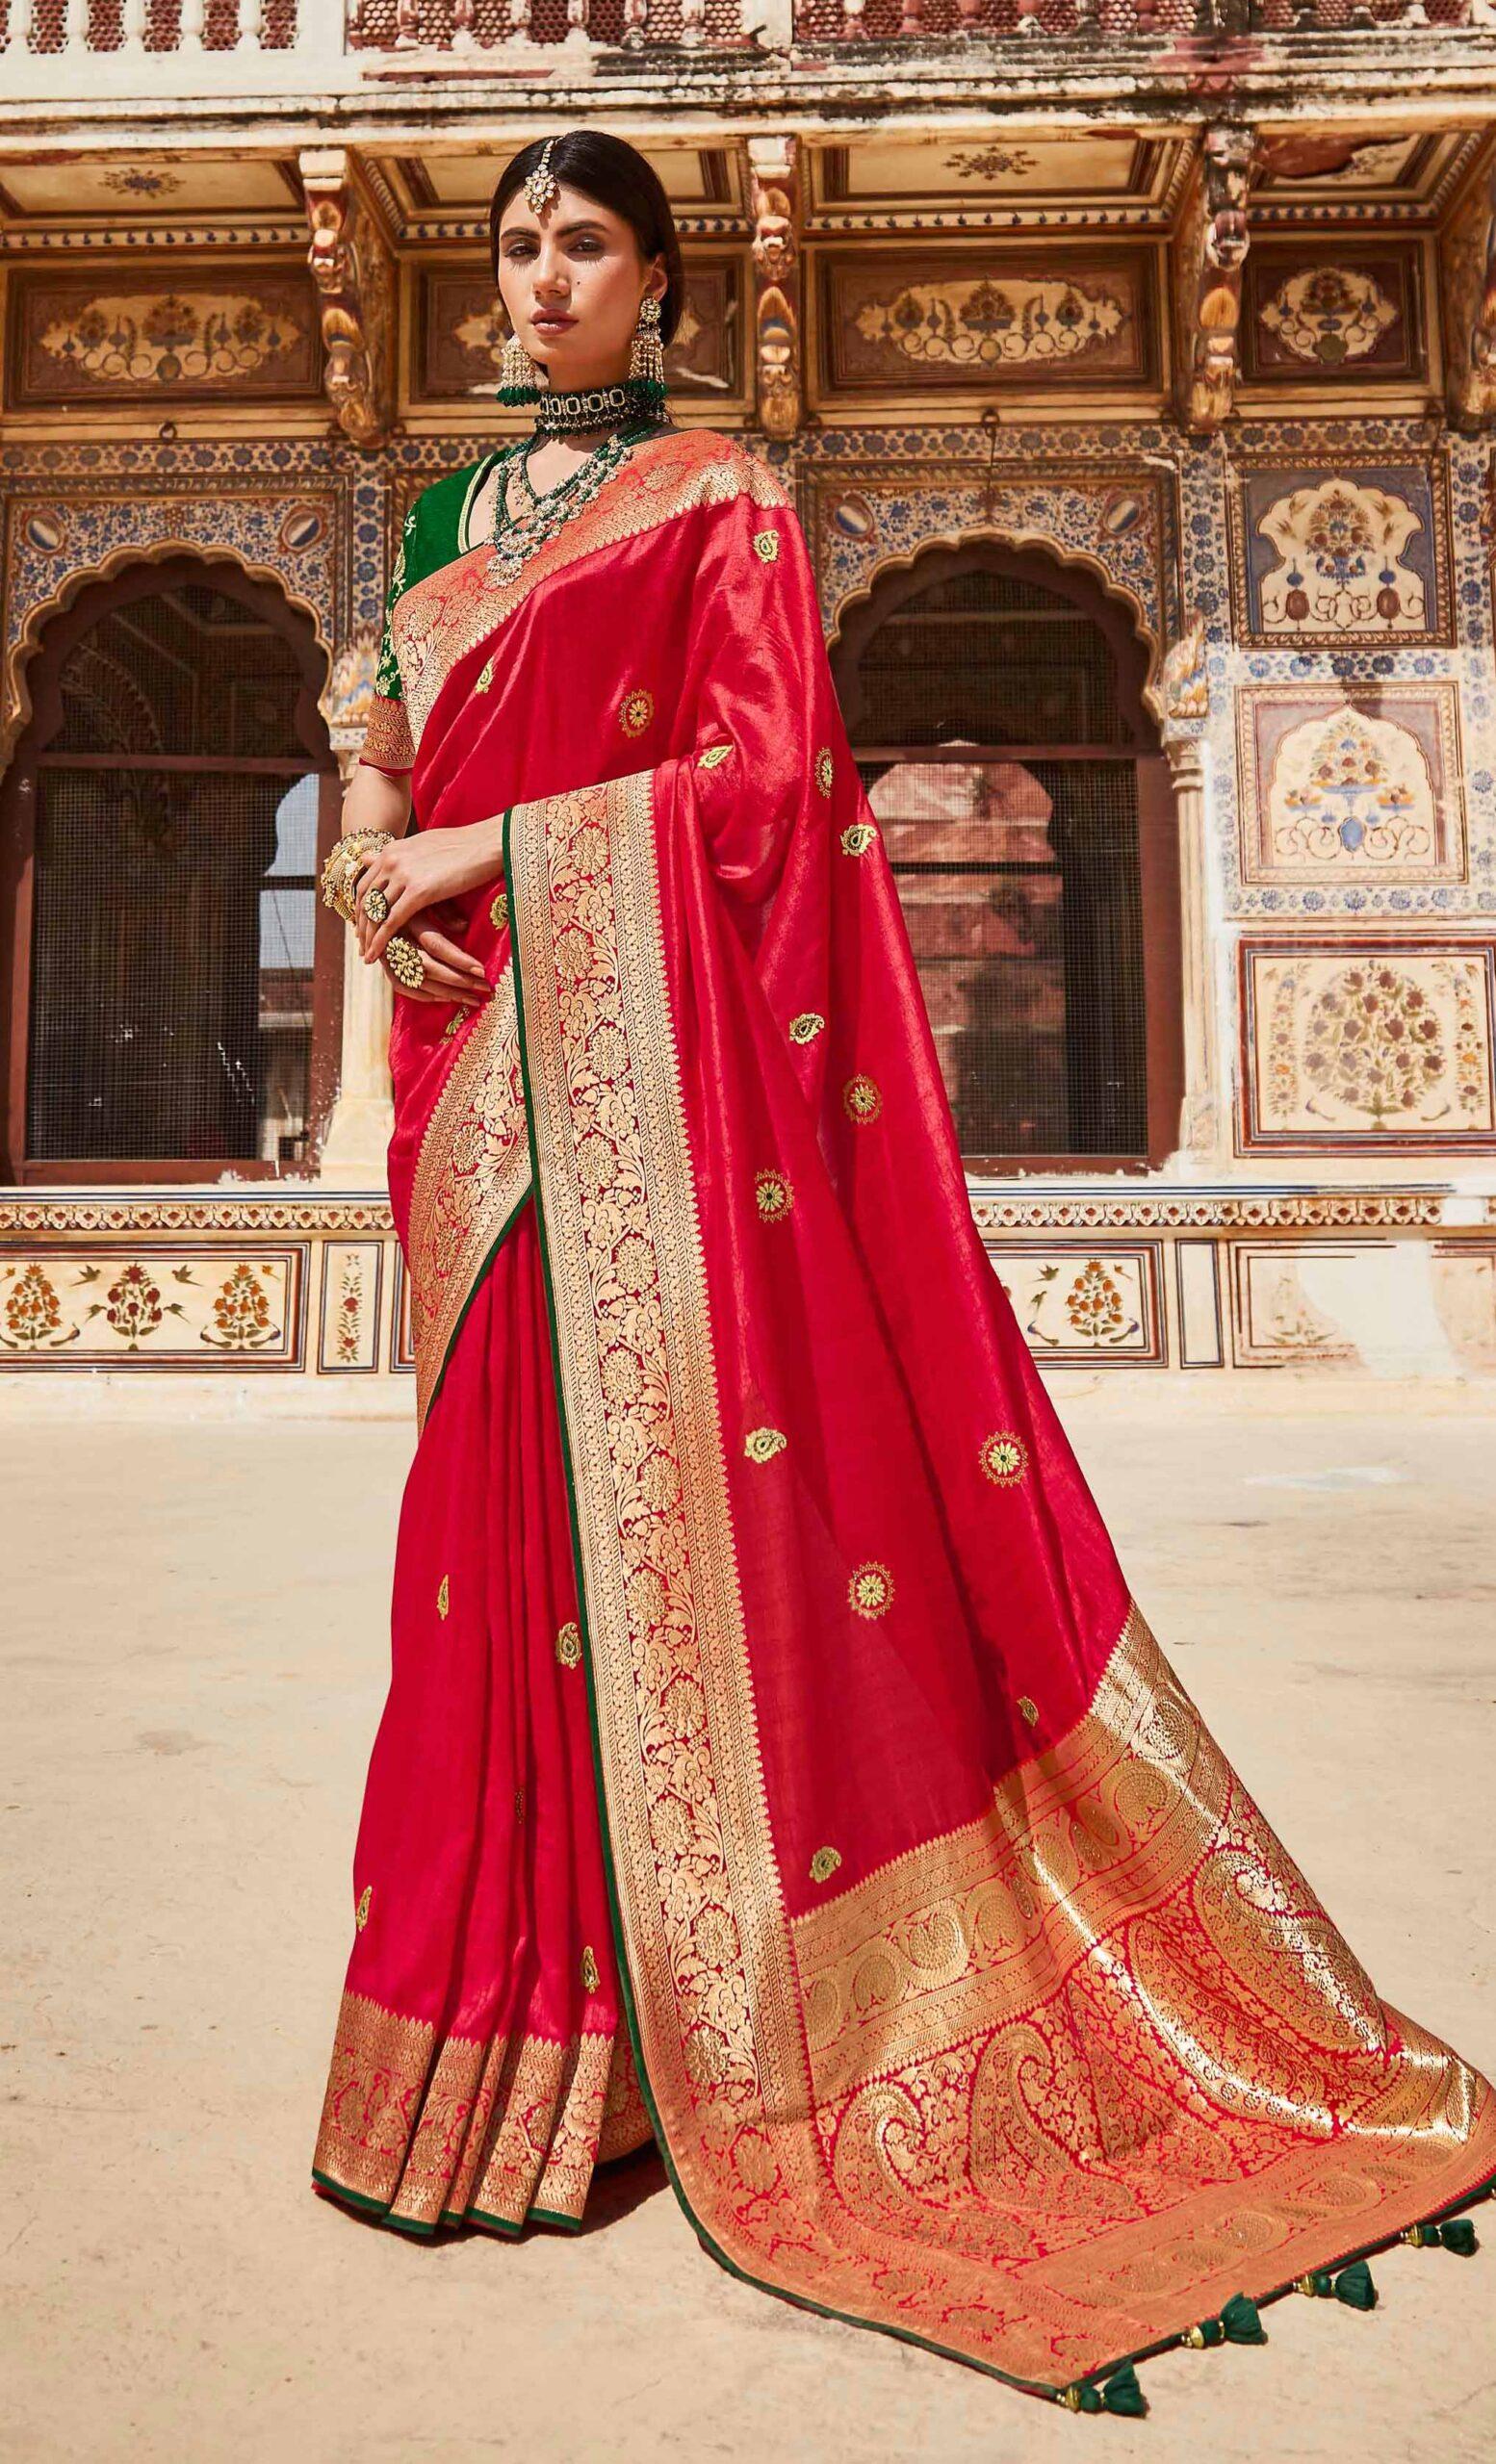 New Party Wear Red Banarasi Saree Design 2021